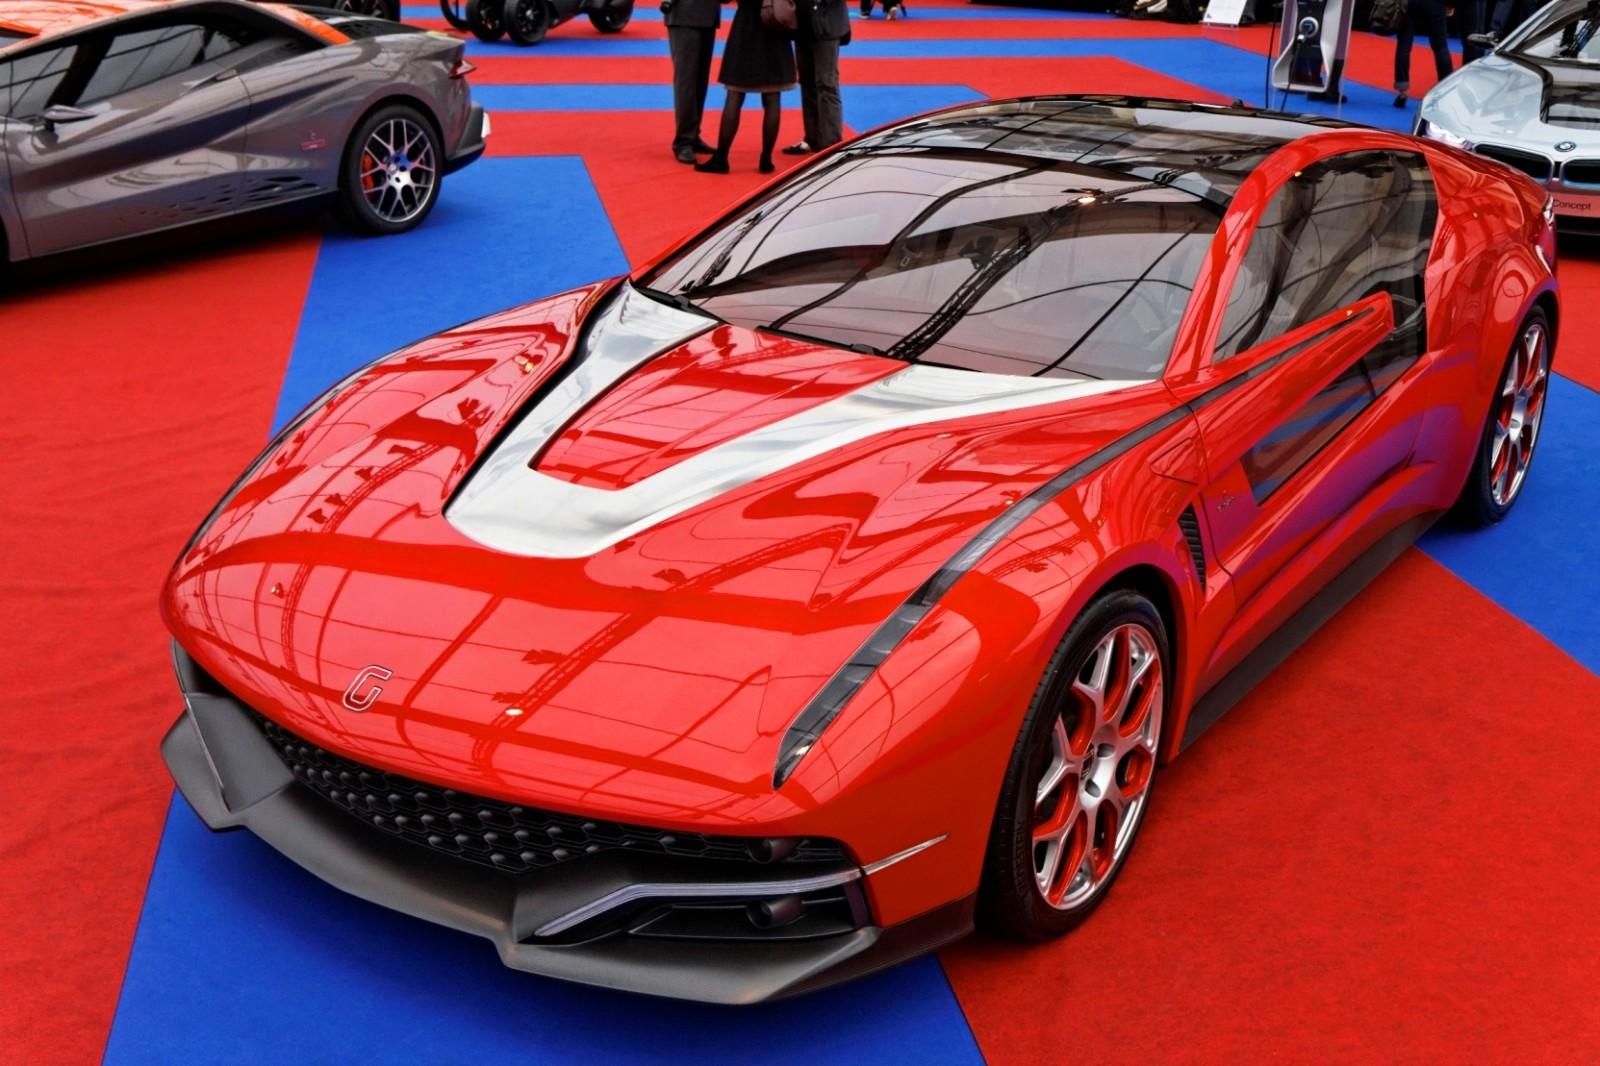 2012 ItalDesign Giugiaro BRIVIDO Concept 54